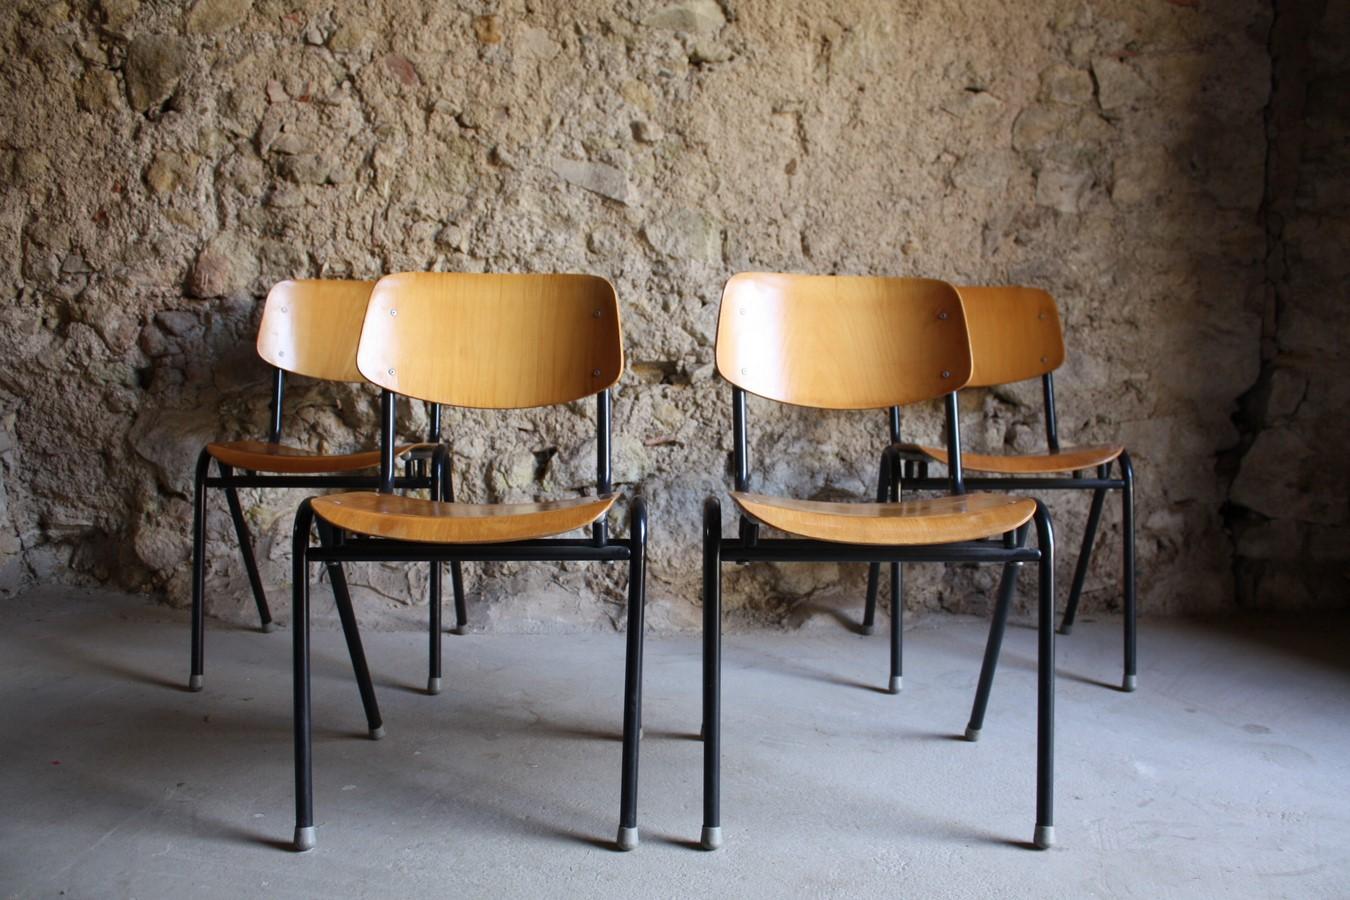 Industrie Industrial Design Stühle Schul Stuhl gebraucht Vintage Antik Loft Stahlrohr Holz (43) a